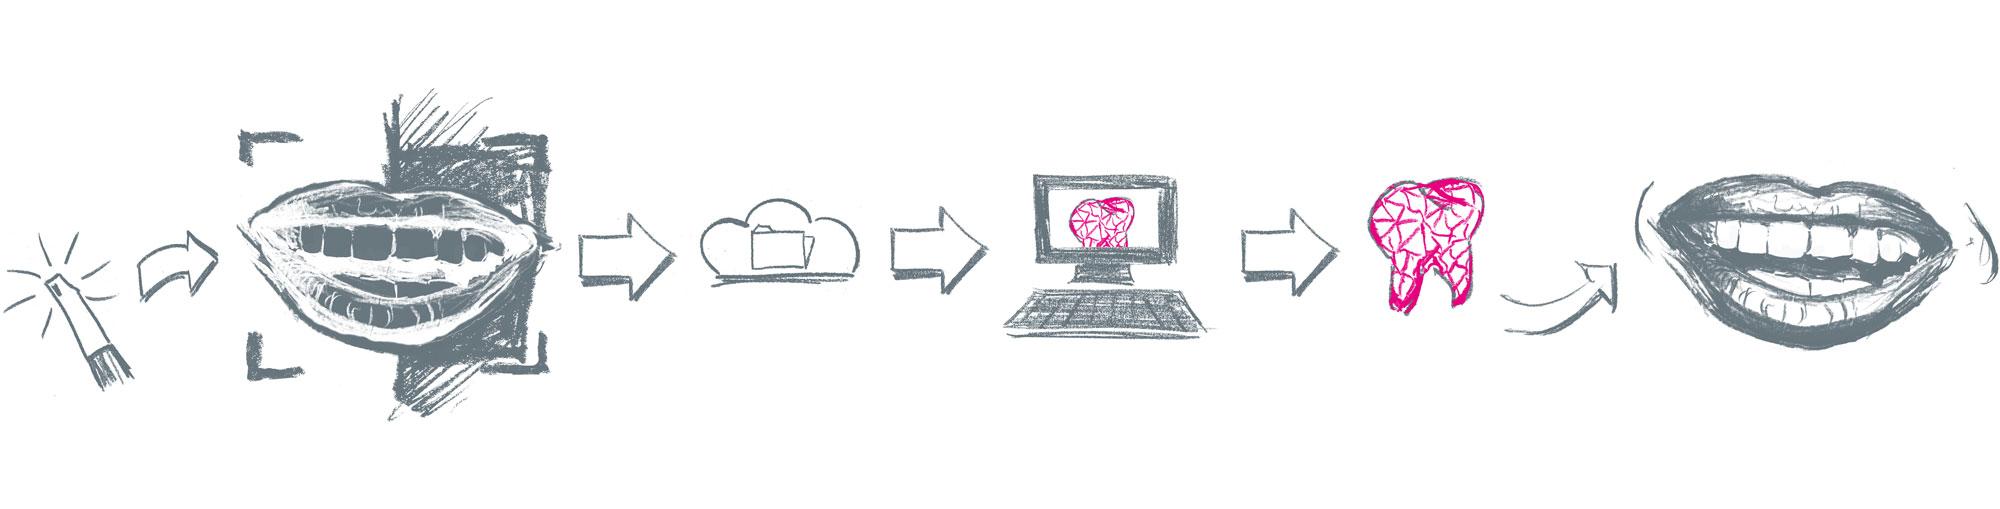 Intraoralscanner Workflow Kreidezeichnung